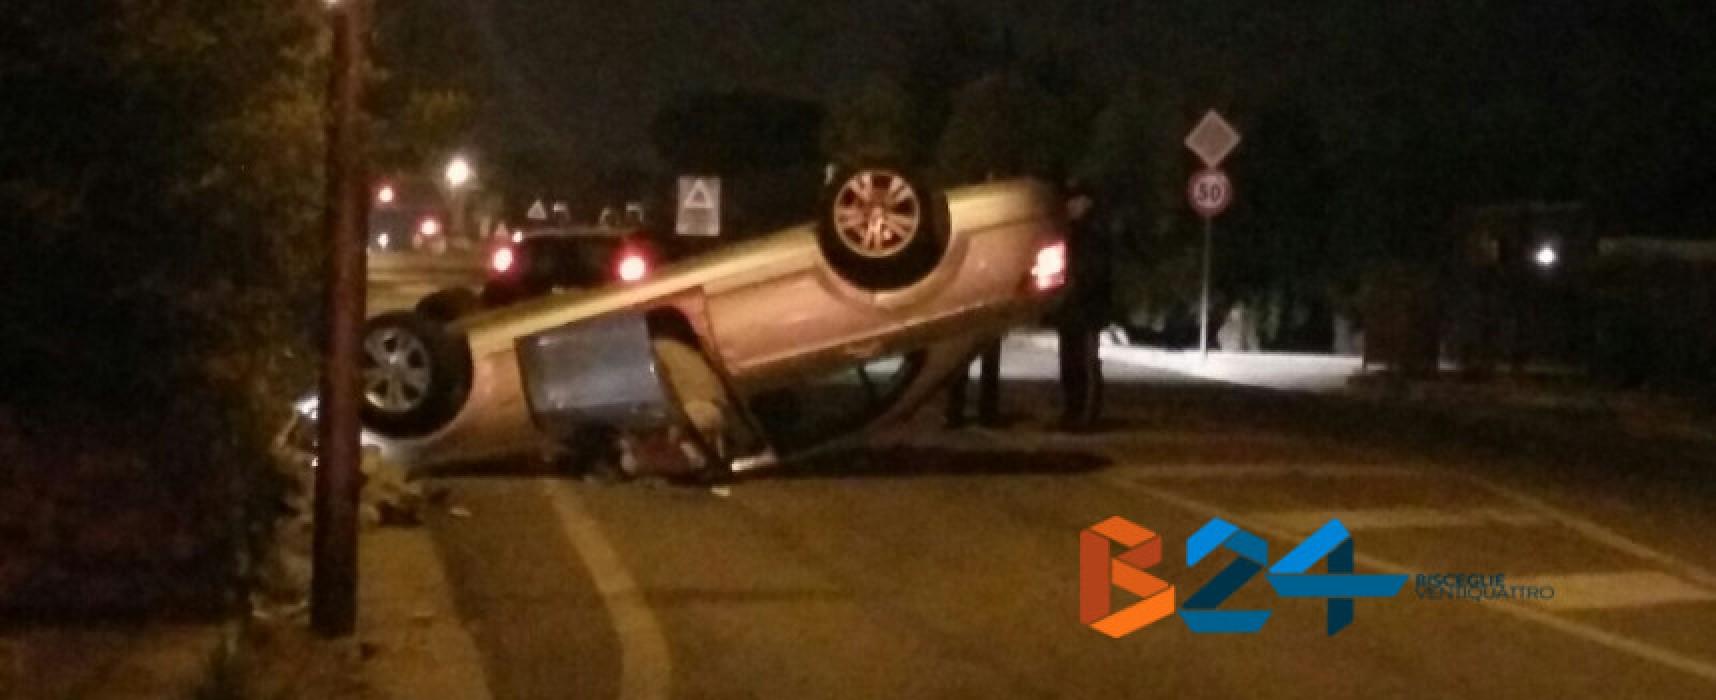 Incidente nella notte su via Bovio: auto si ribalta e finisce contro un muretto a secco